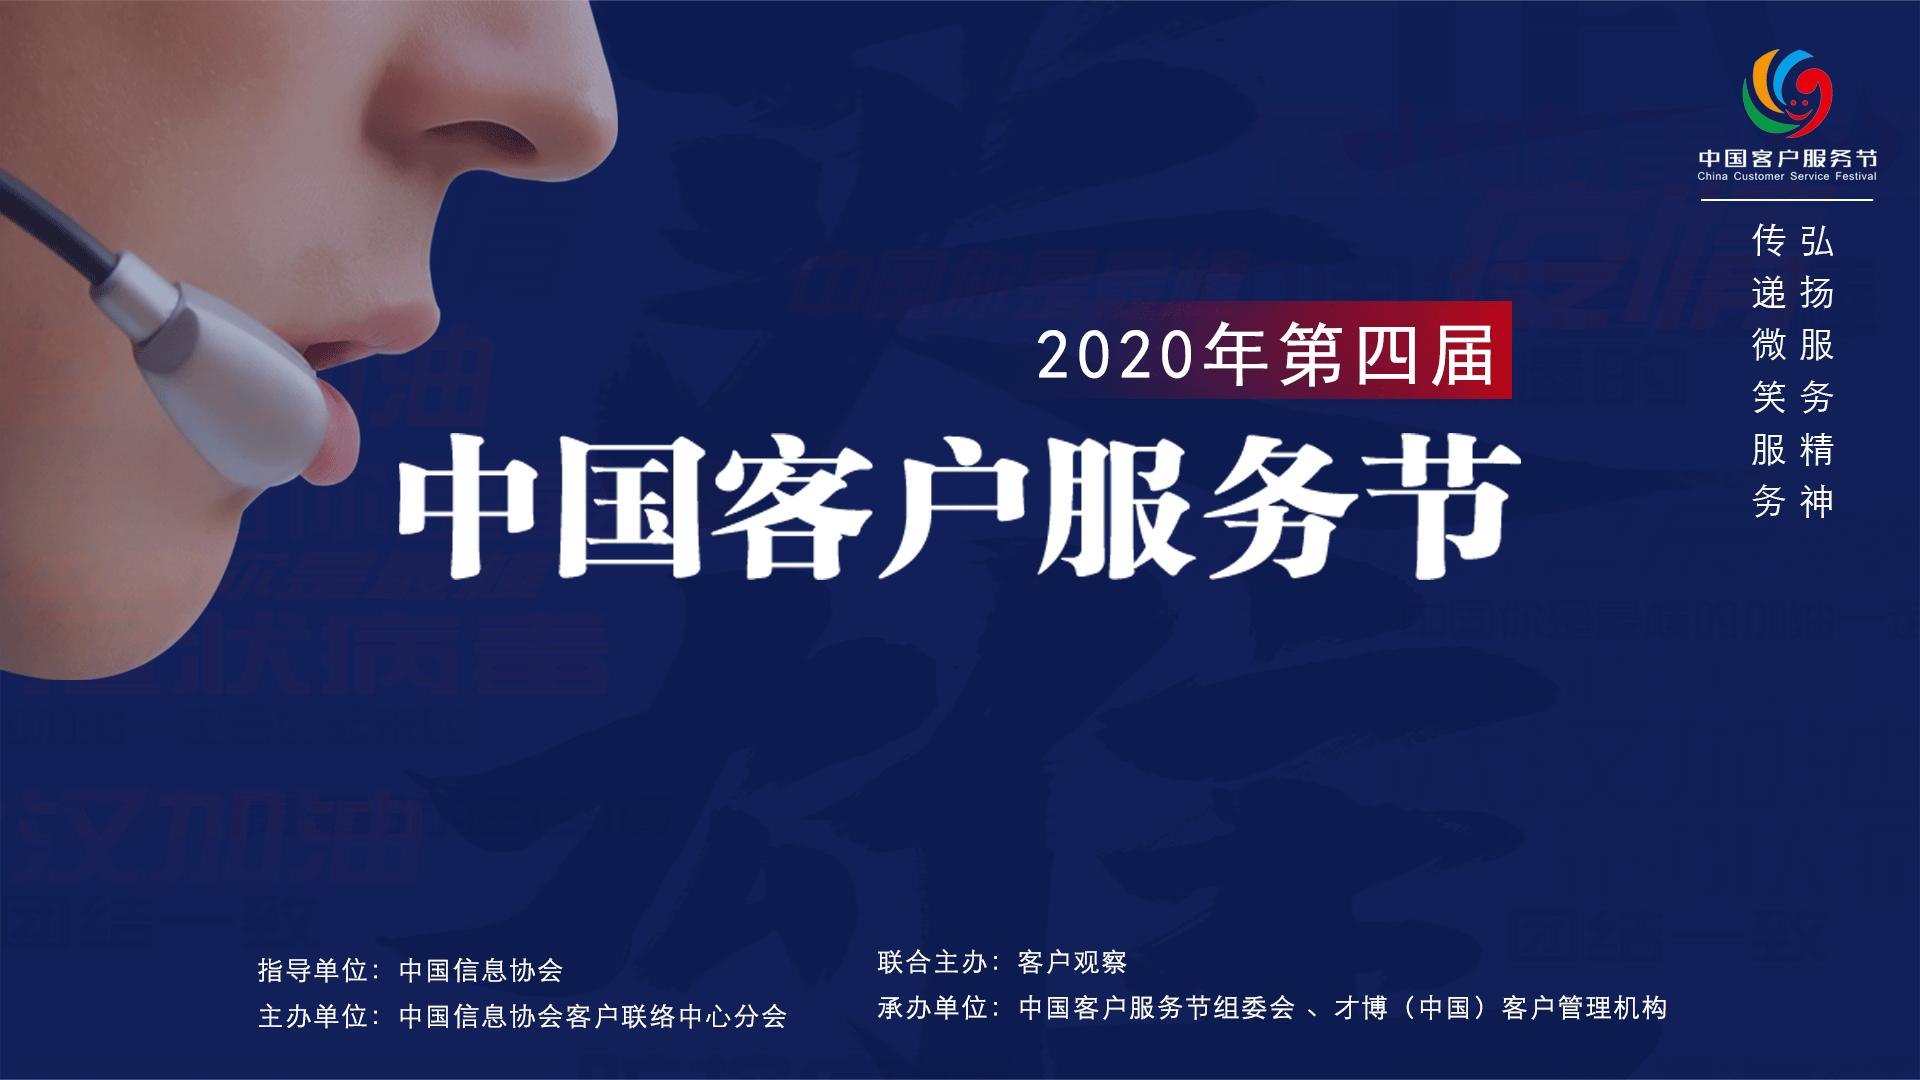 2020年(第四届)中国